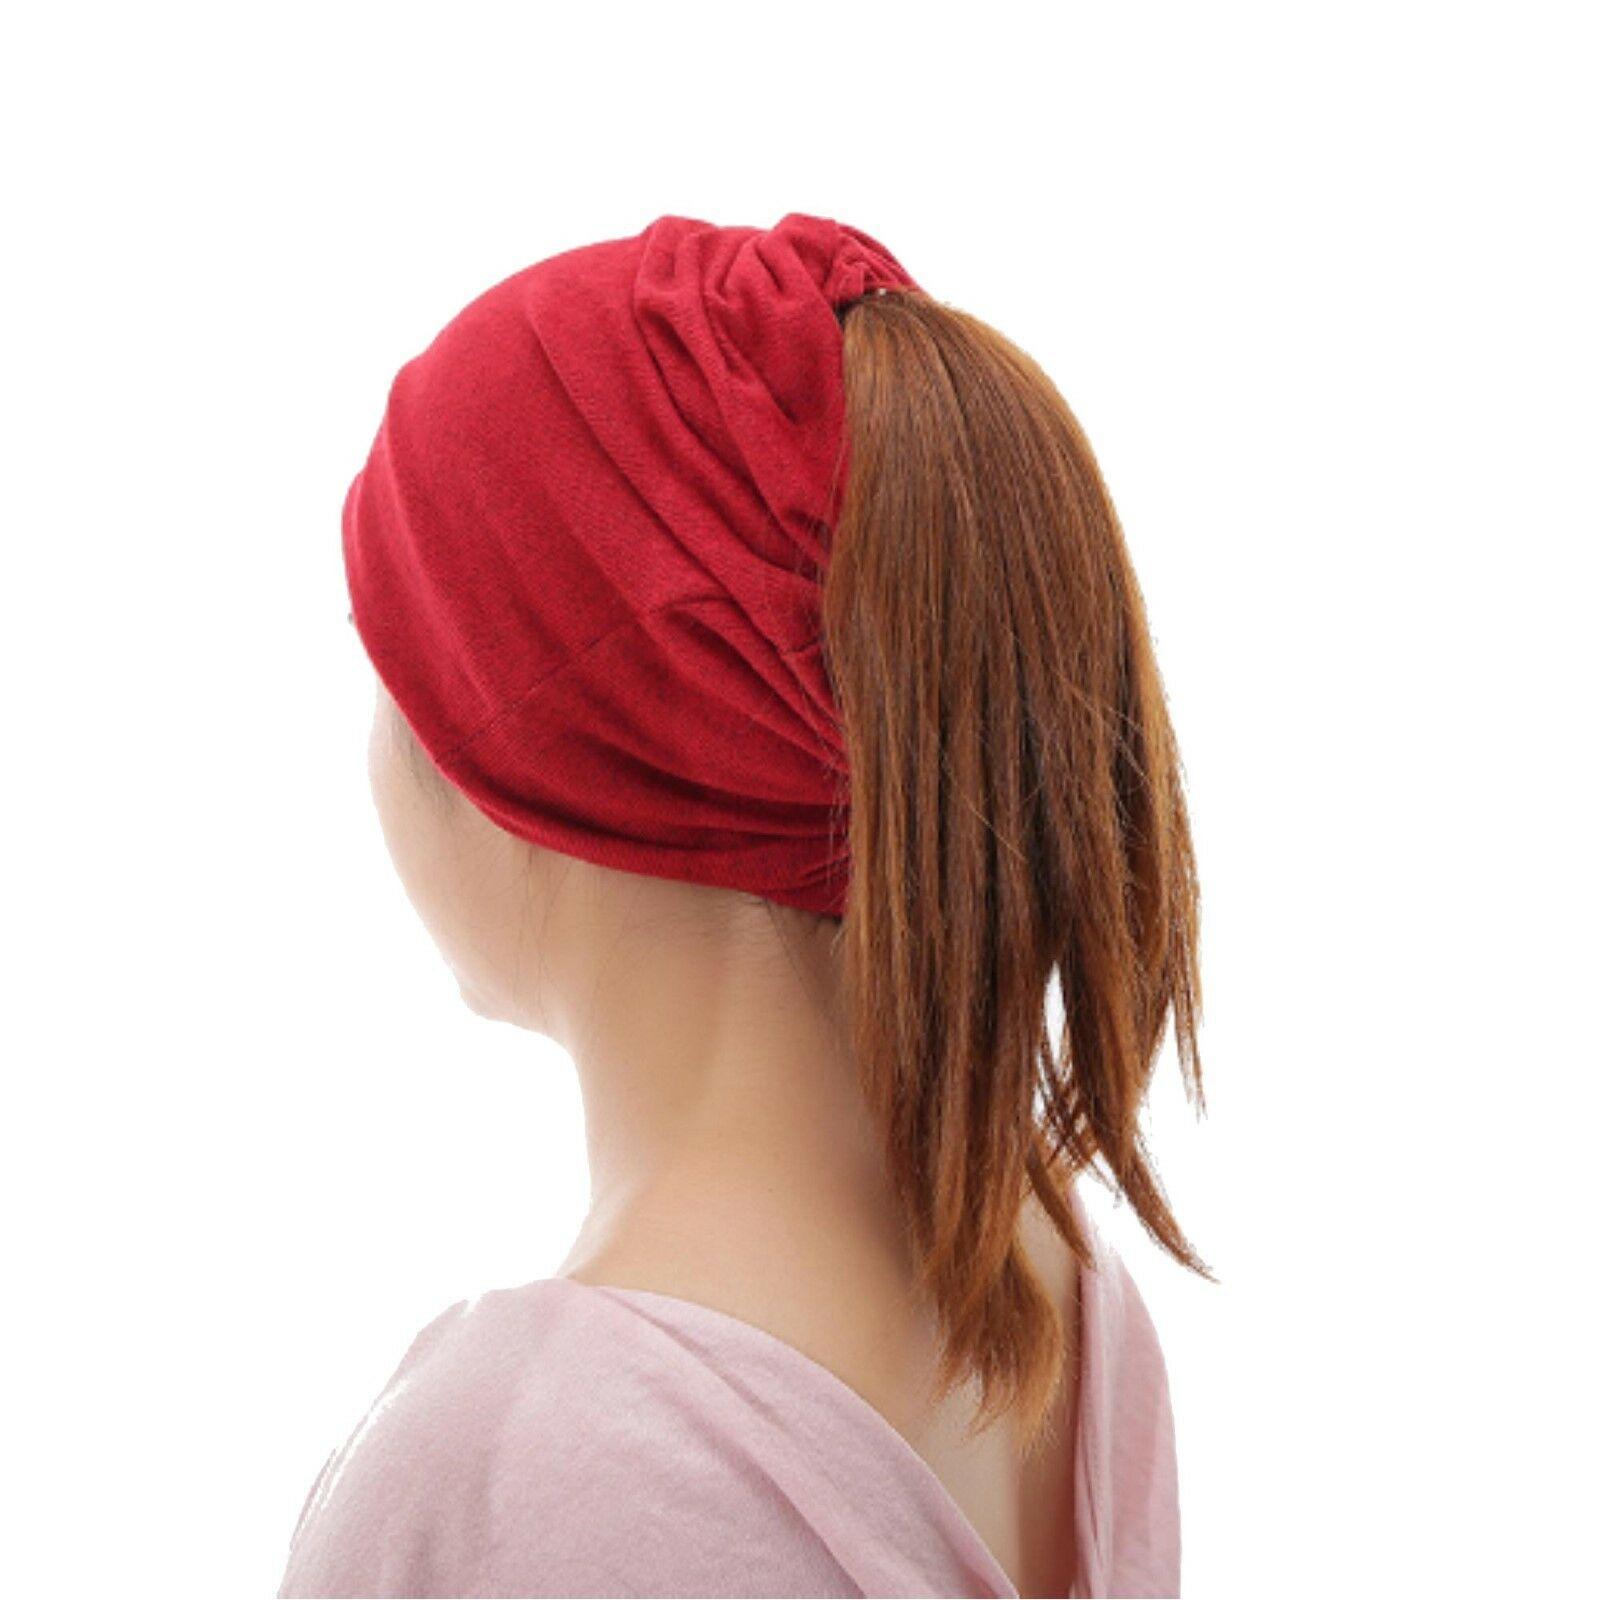 Cappello invernale da uomo donna berretto cuffia paracollo ...